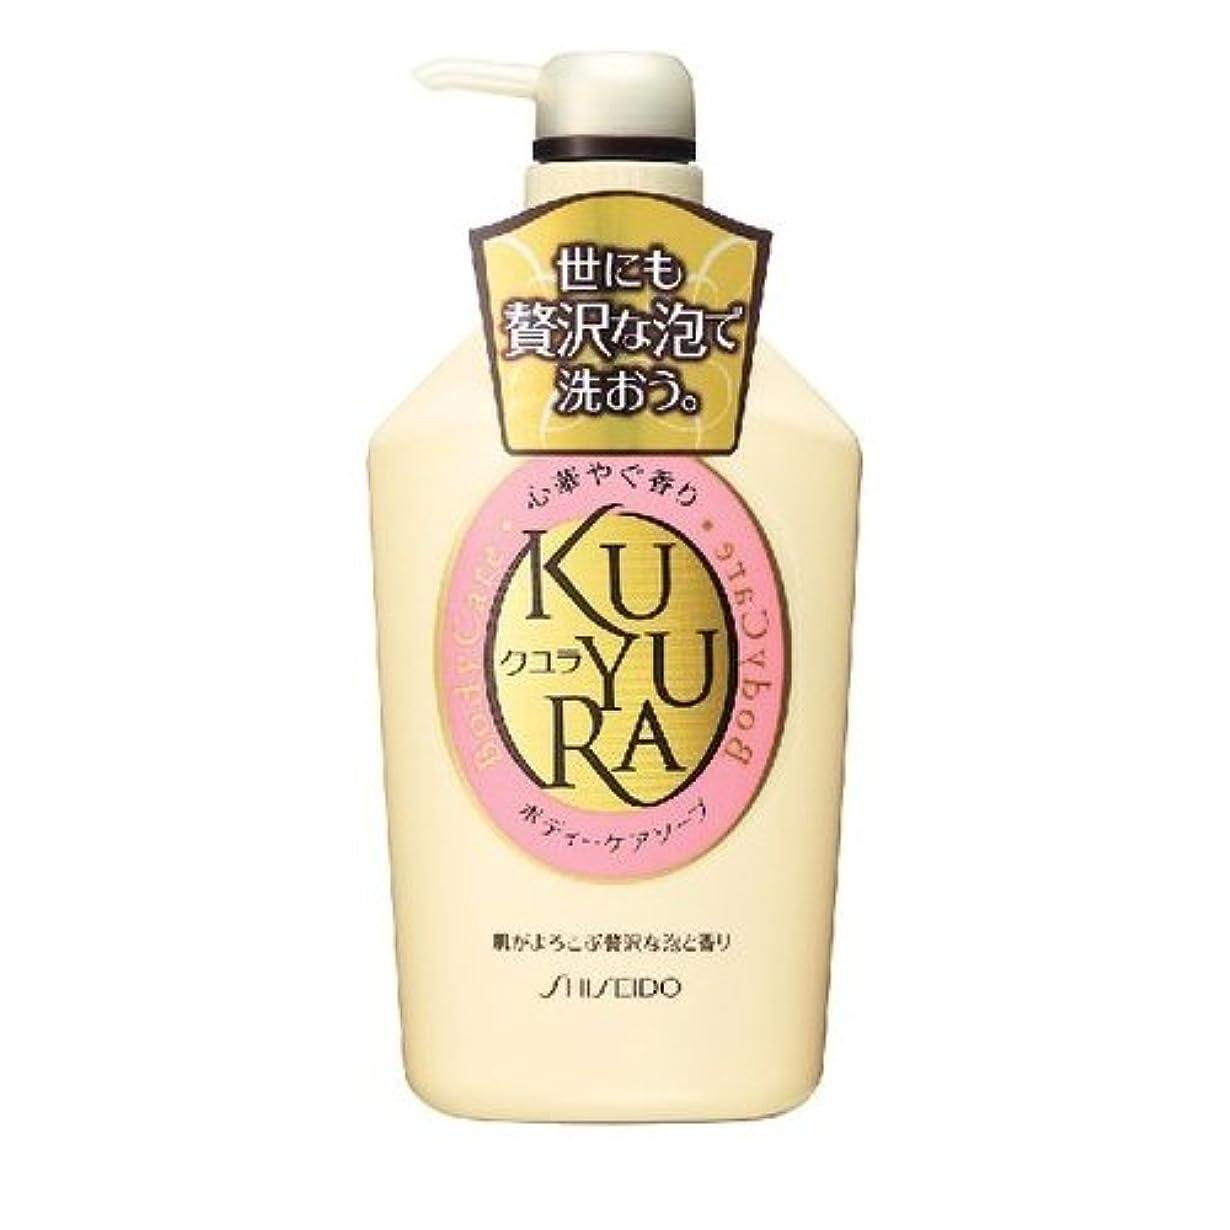 翻訳難しいほのめかすクユラ ボディケアソープ 心華やぐ香り ジャンボサイズ550ml